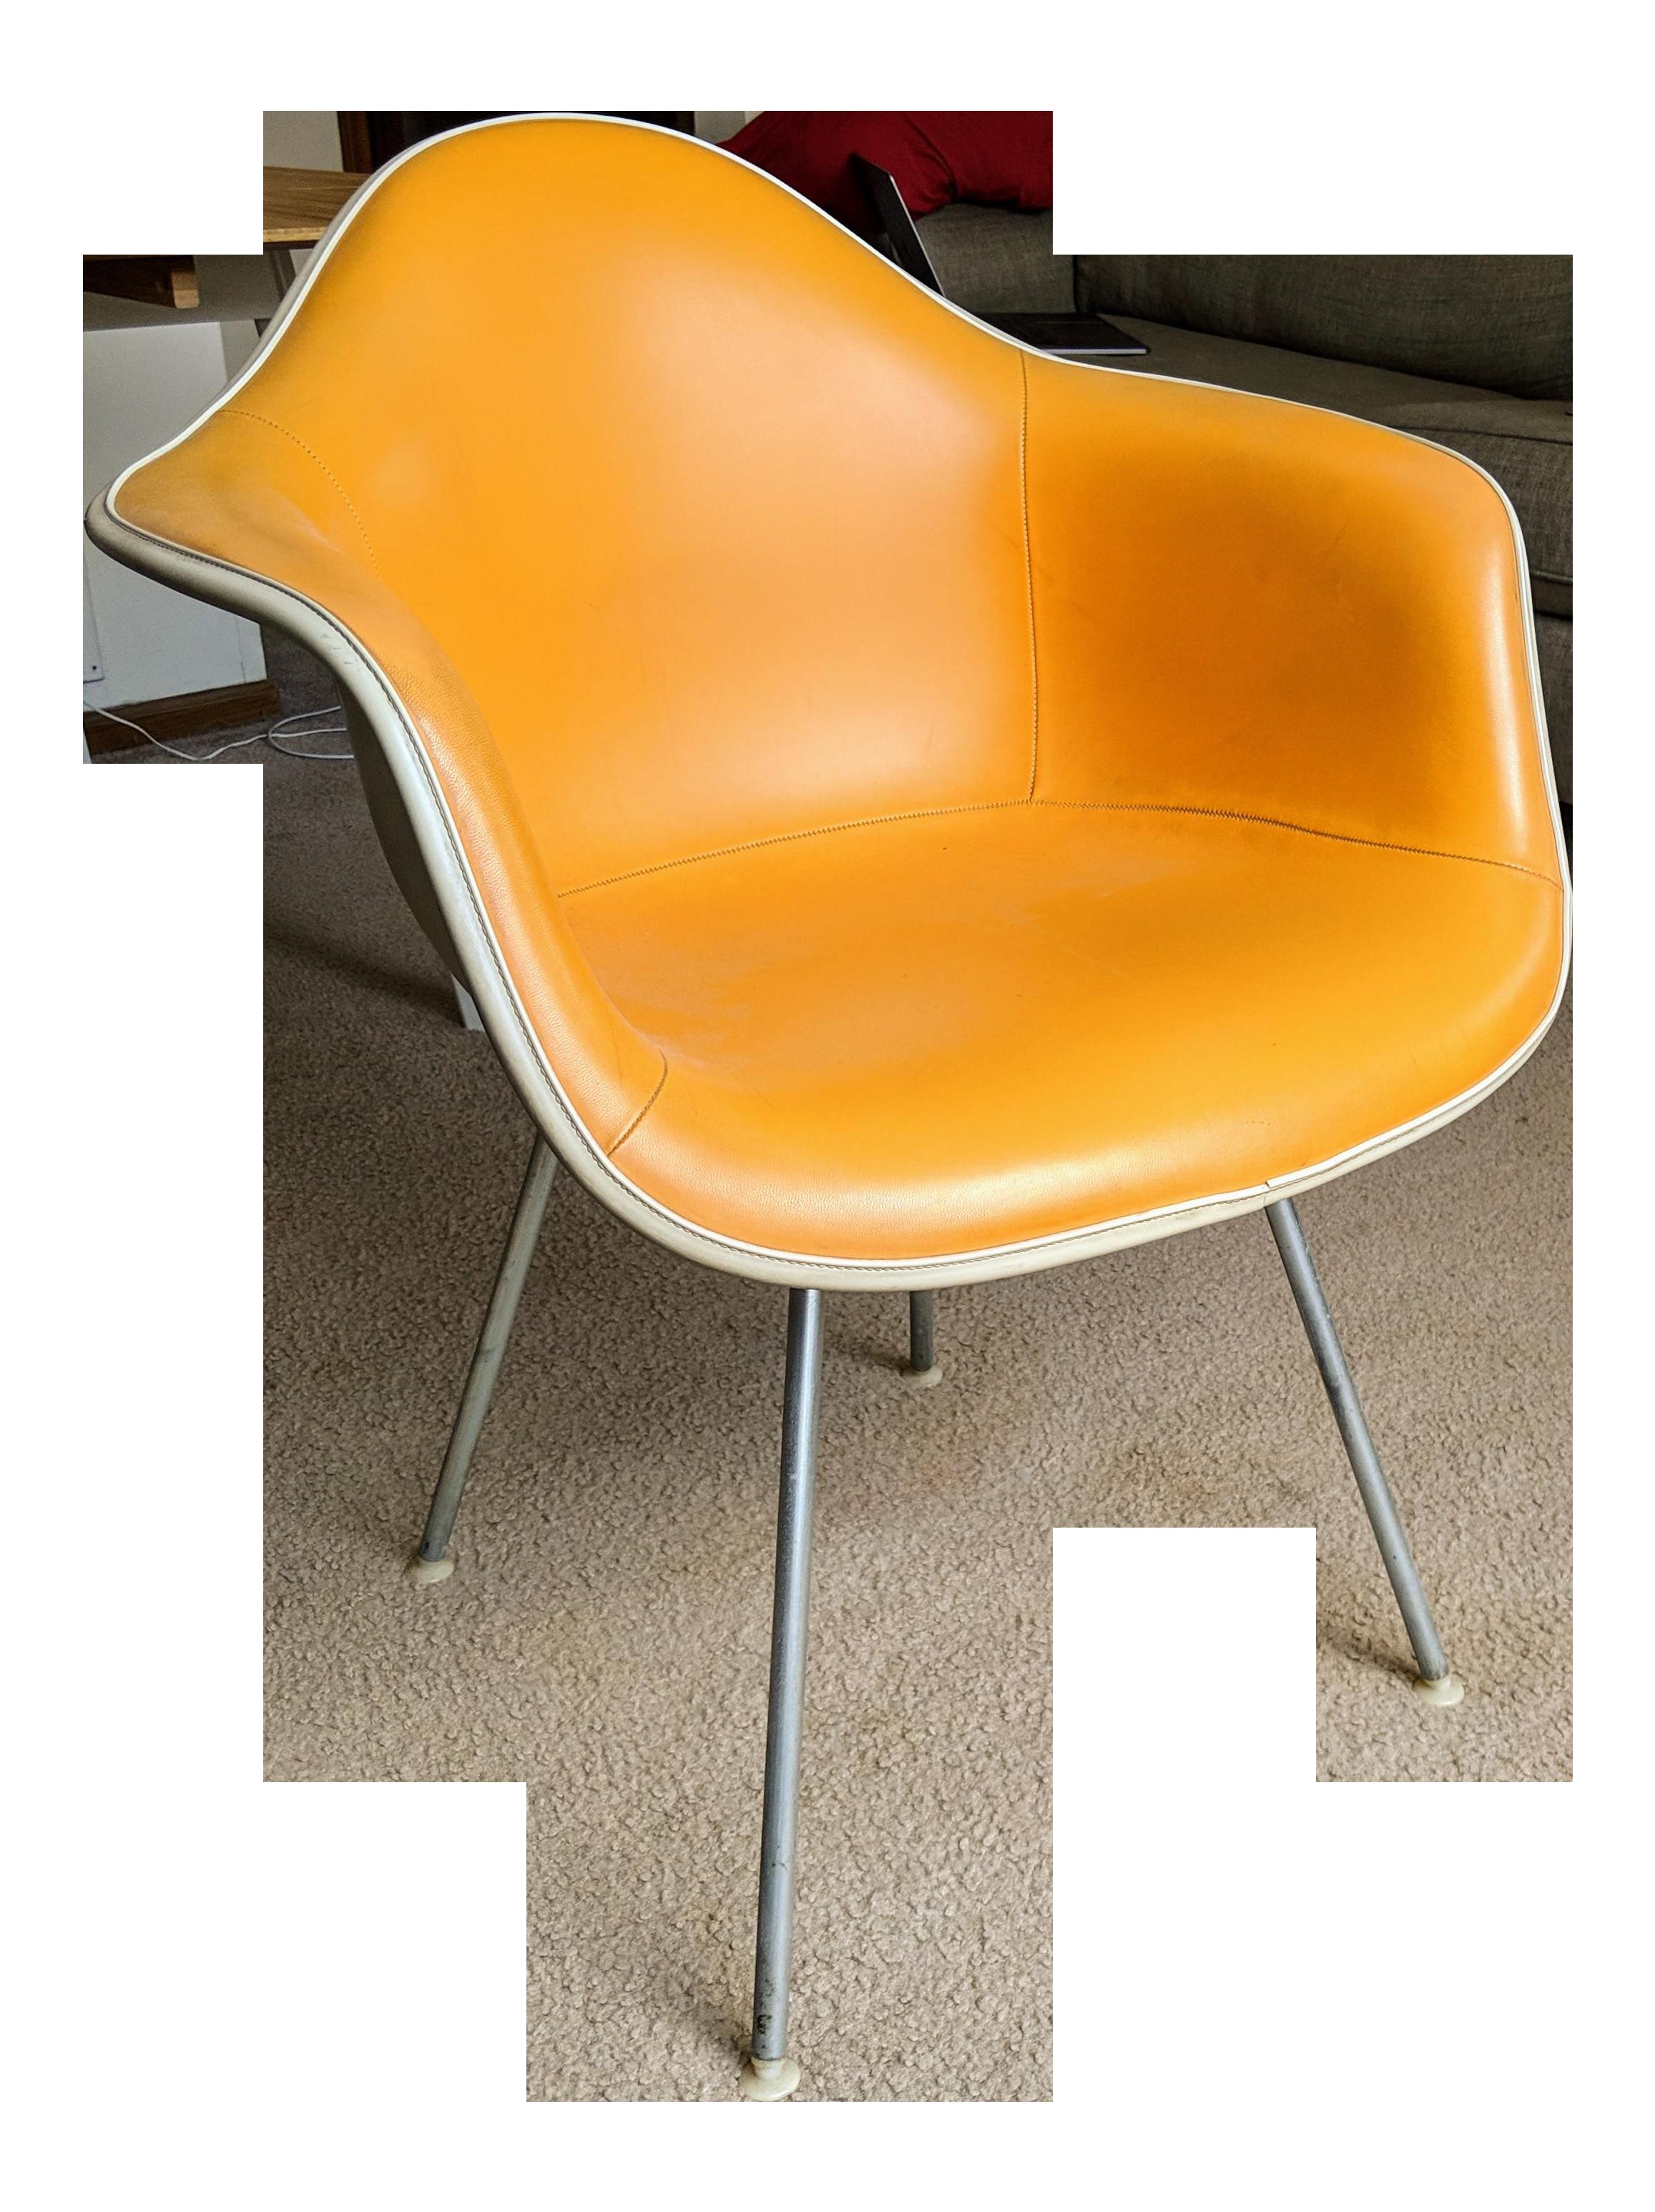 Vintage Herman Miller Chairs >> 1978 Vintage Herman Miller Eames Chair